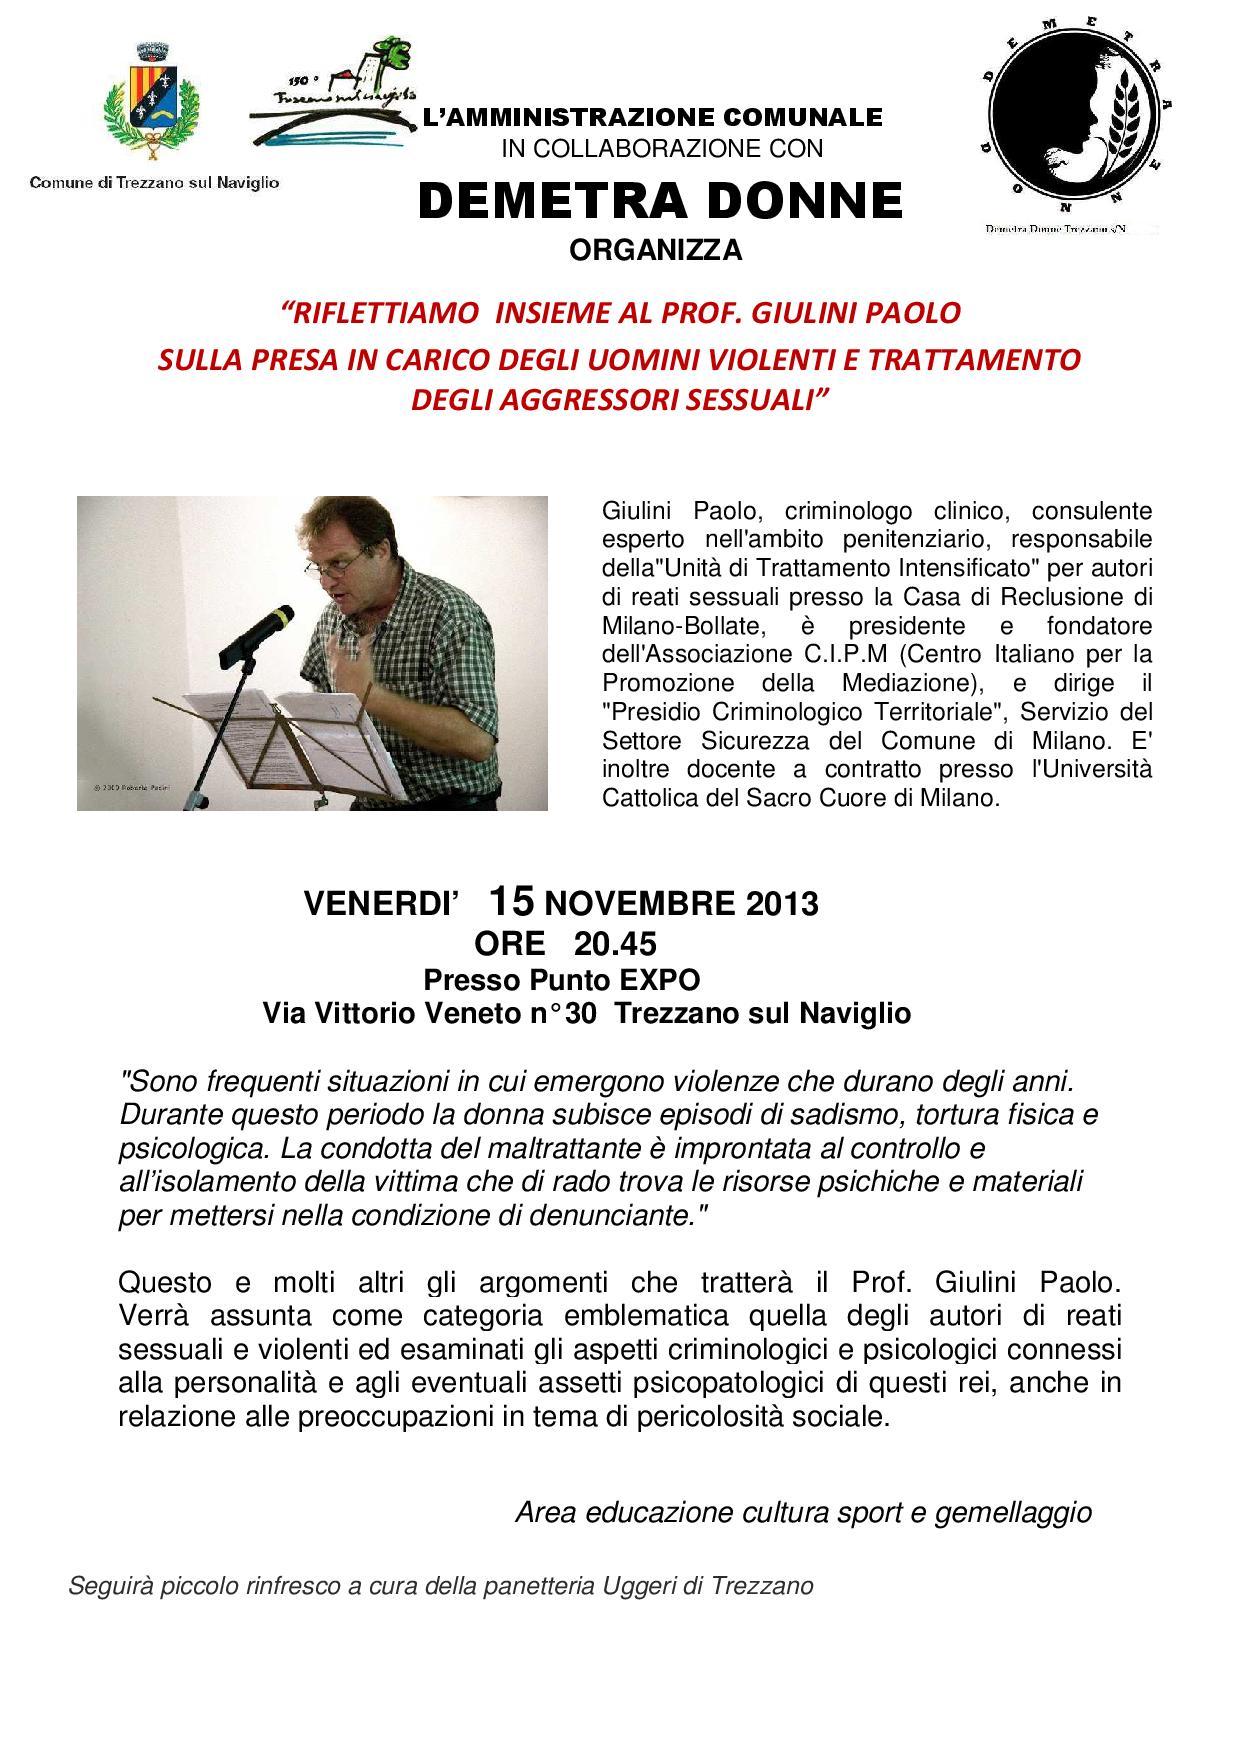 Demetra Donne incontra il criminologo clinico Paolo Giulini